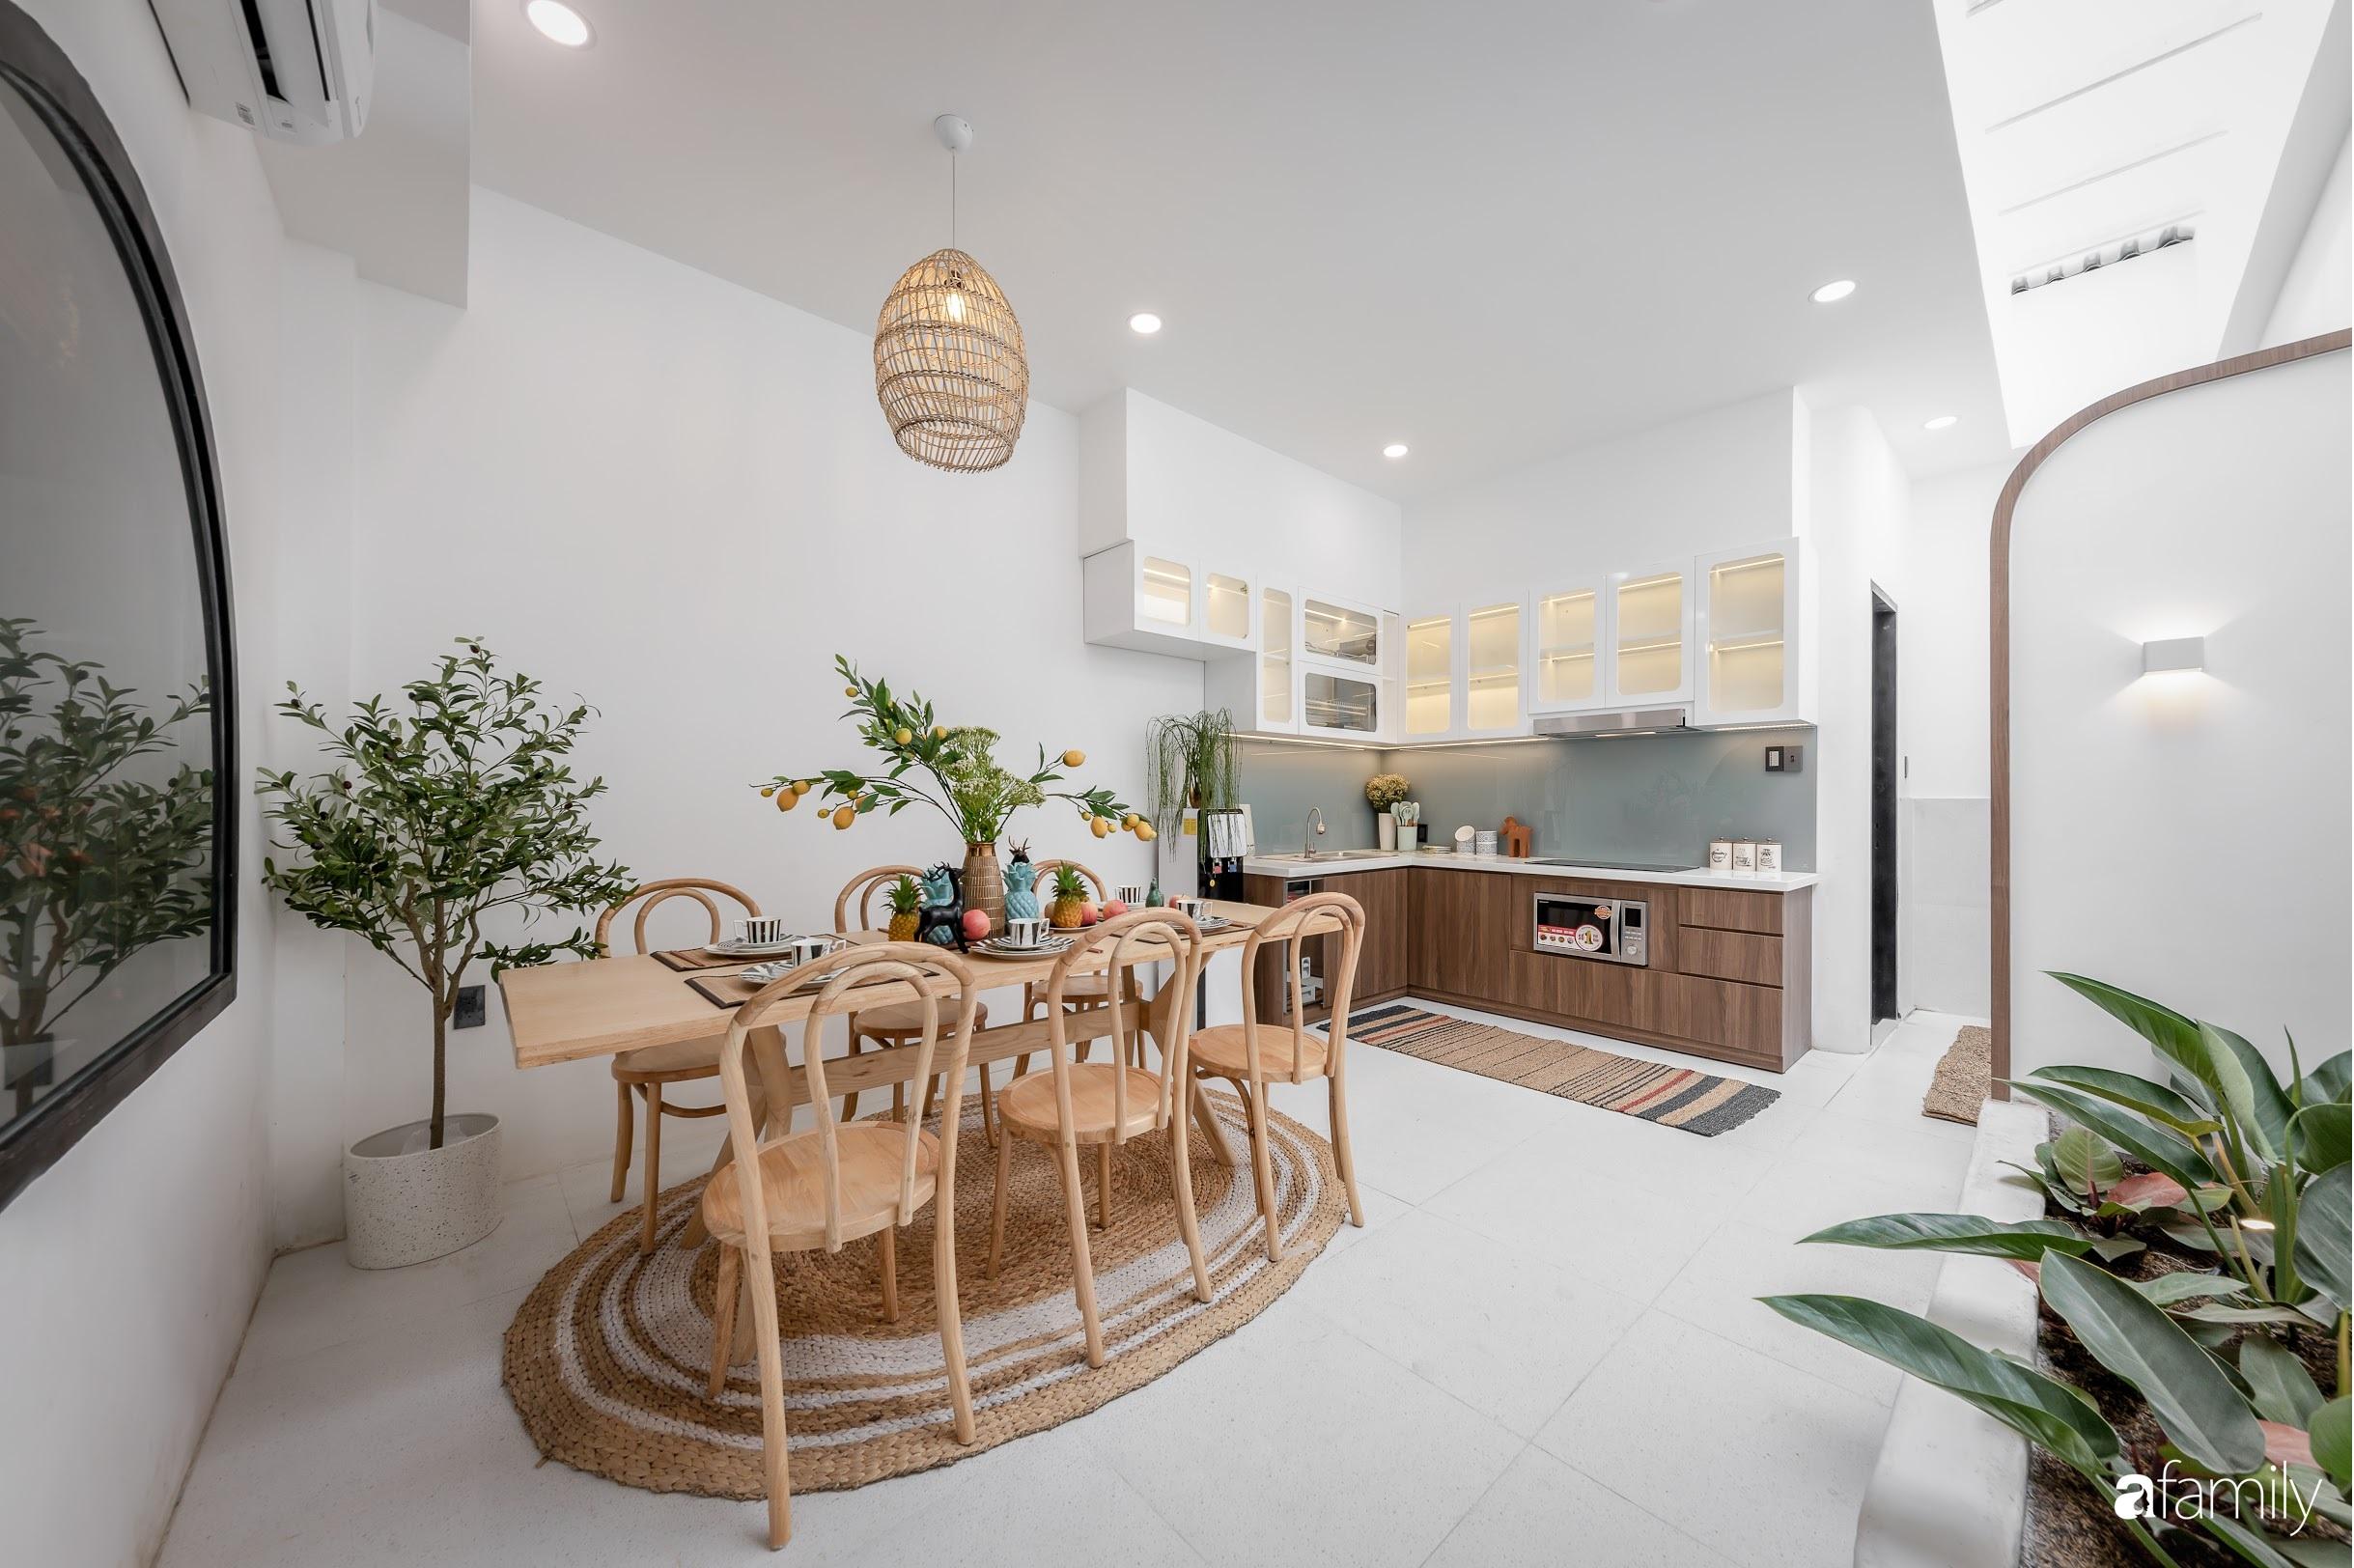 Nhà phố Tiền Giang đẹp hài hòa với thiết kế hiện đại, bố trí nội thất thông minh với chi phí 1,8 tỉ đồng - Ảnh 17.